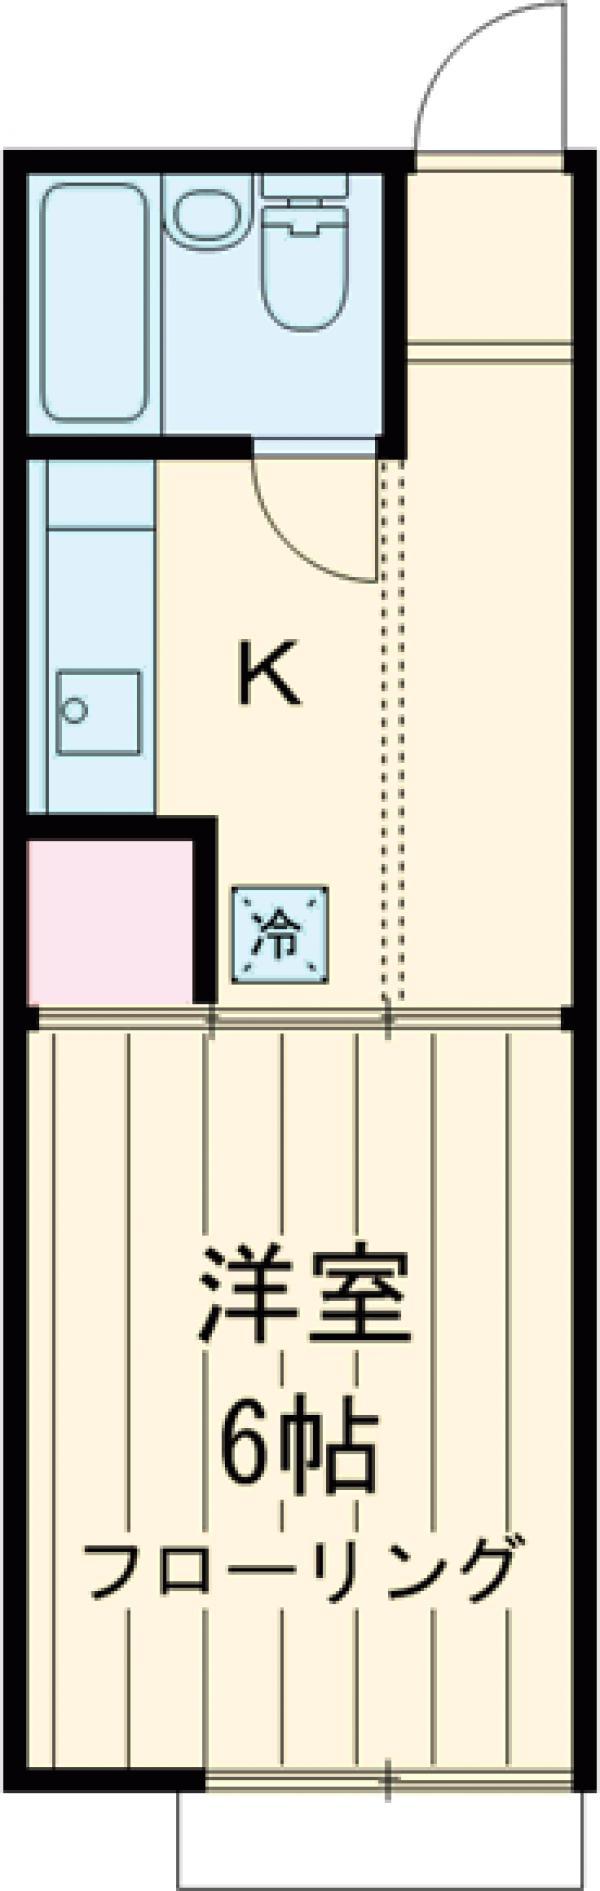 パレーシャル武蔵野・B202号室の間取り